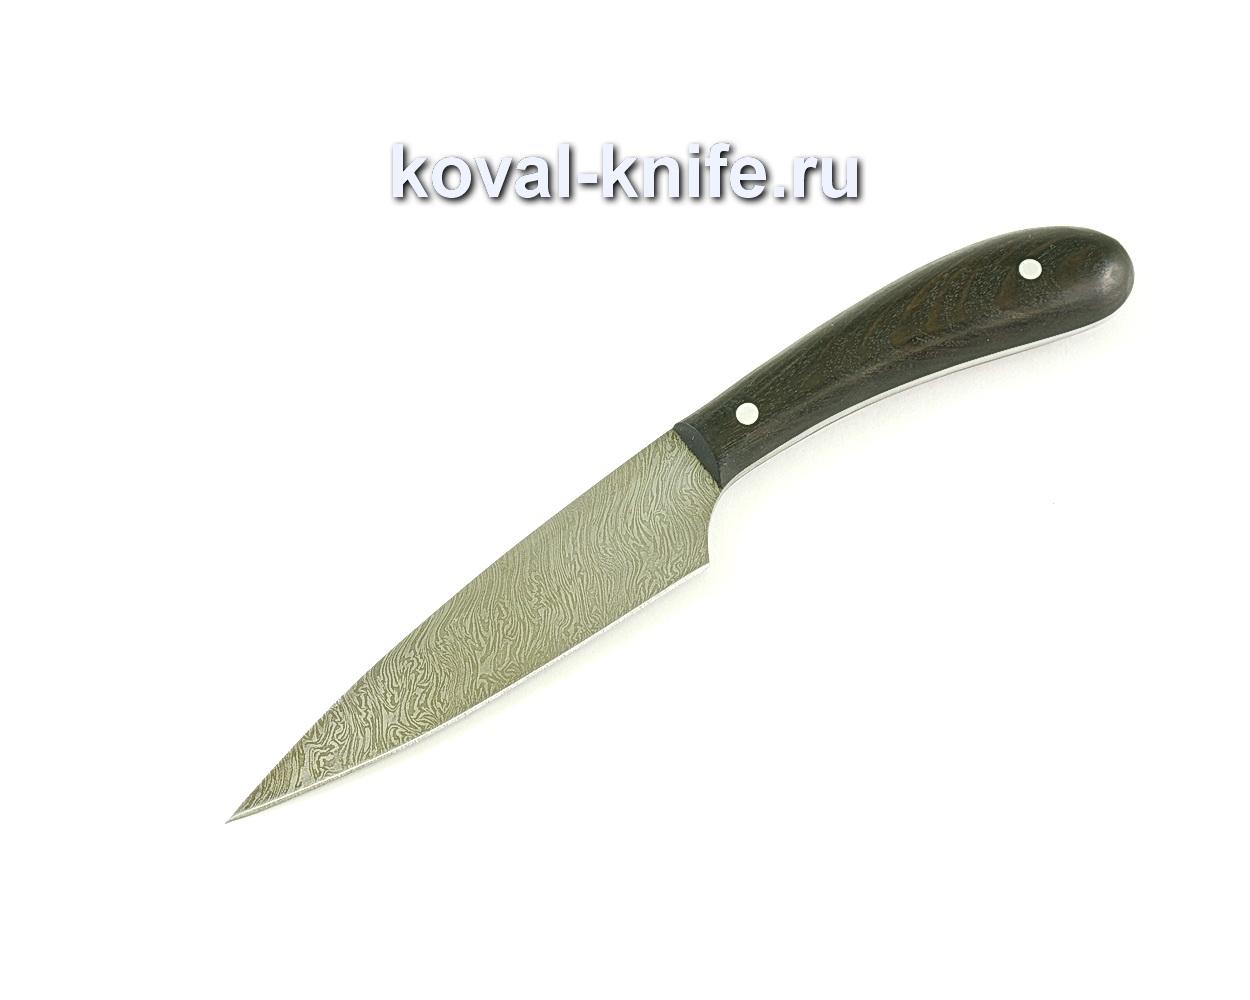 Кухонный малый нож (сталь дамасская), рукоять граб A064